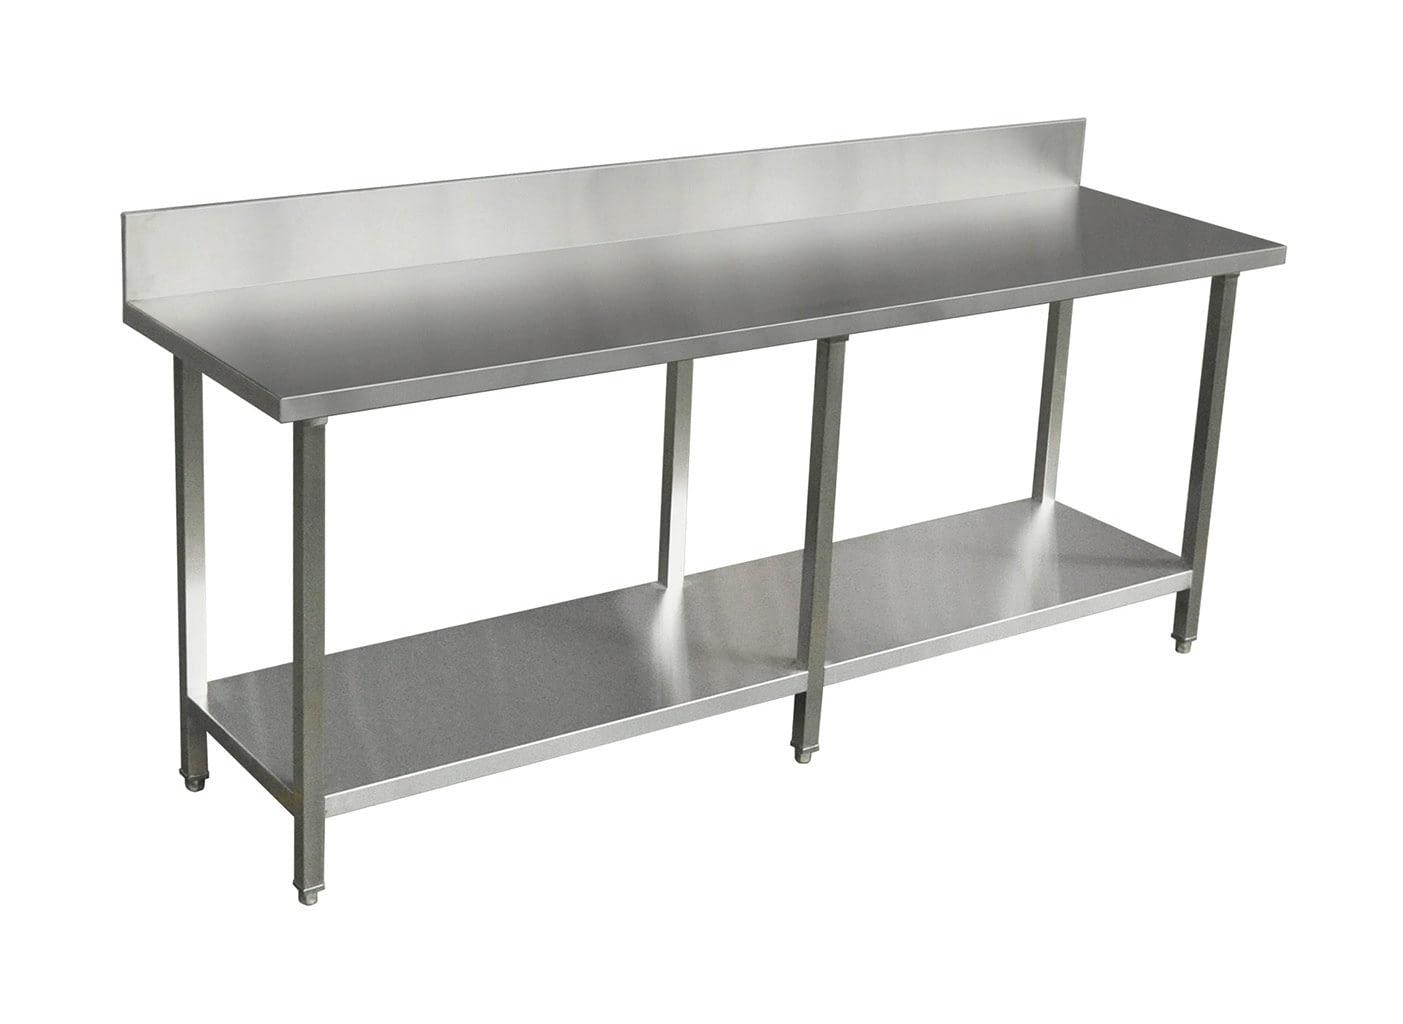 Commercial Grade Stainless Steel Splashback Bench, Premium Range 2200 X 610 X 900mm high